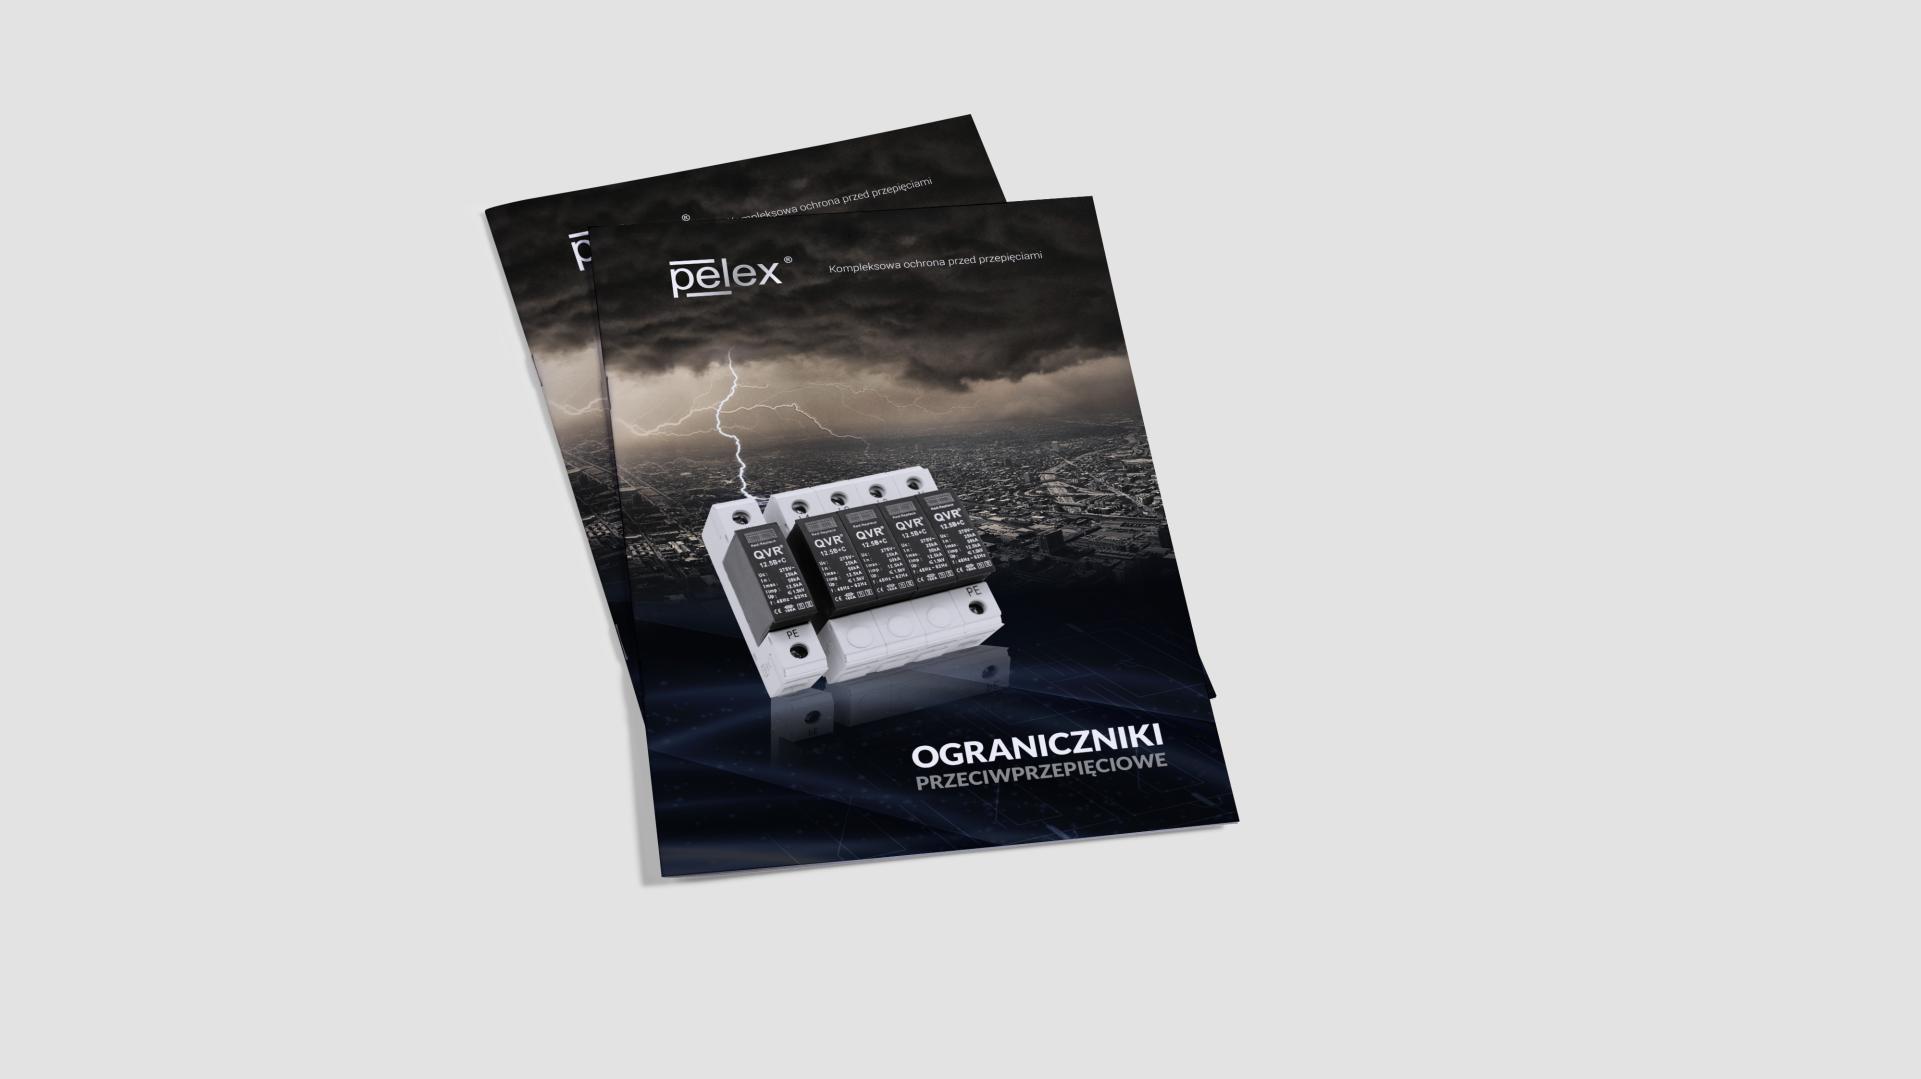 Pelex - Realizacja - Agencja ROXART